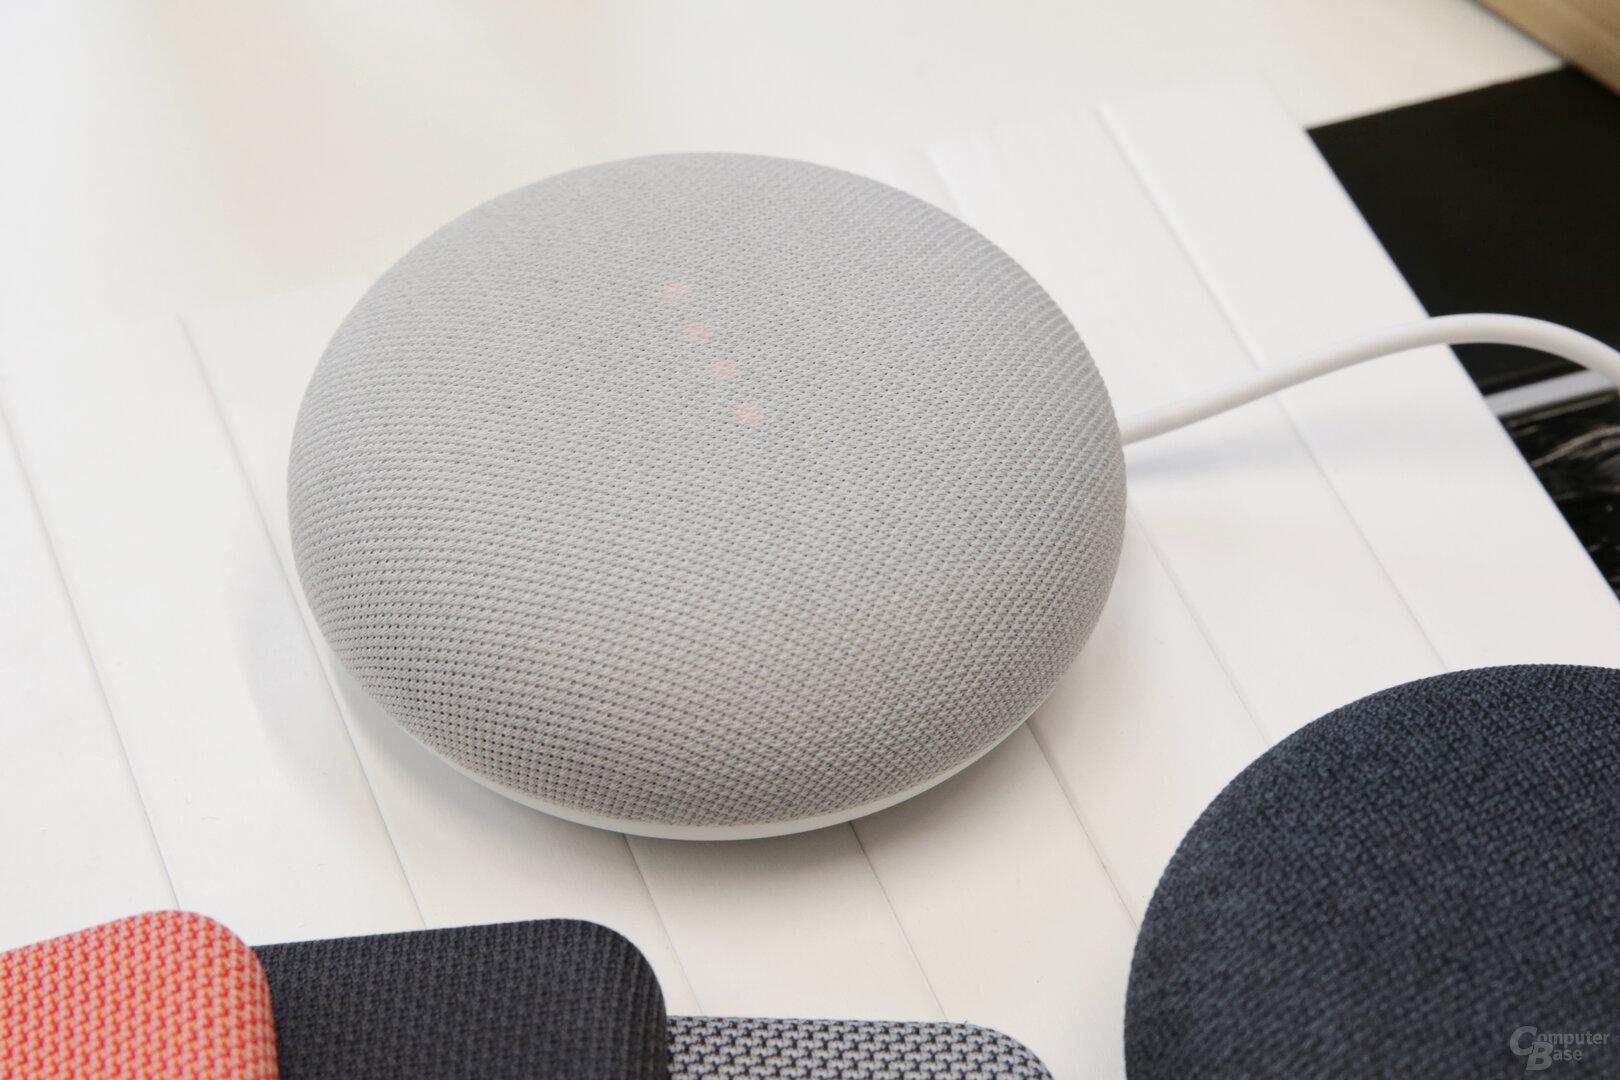 LED für die Lautstärke und den Google Assistant